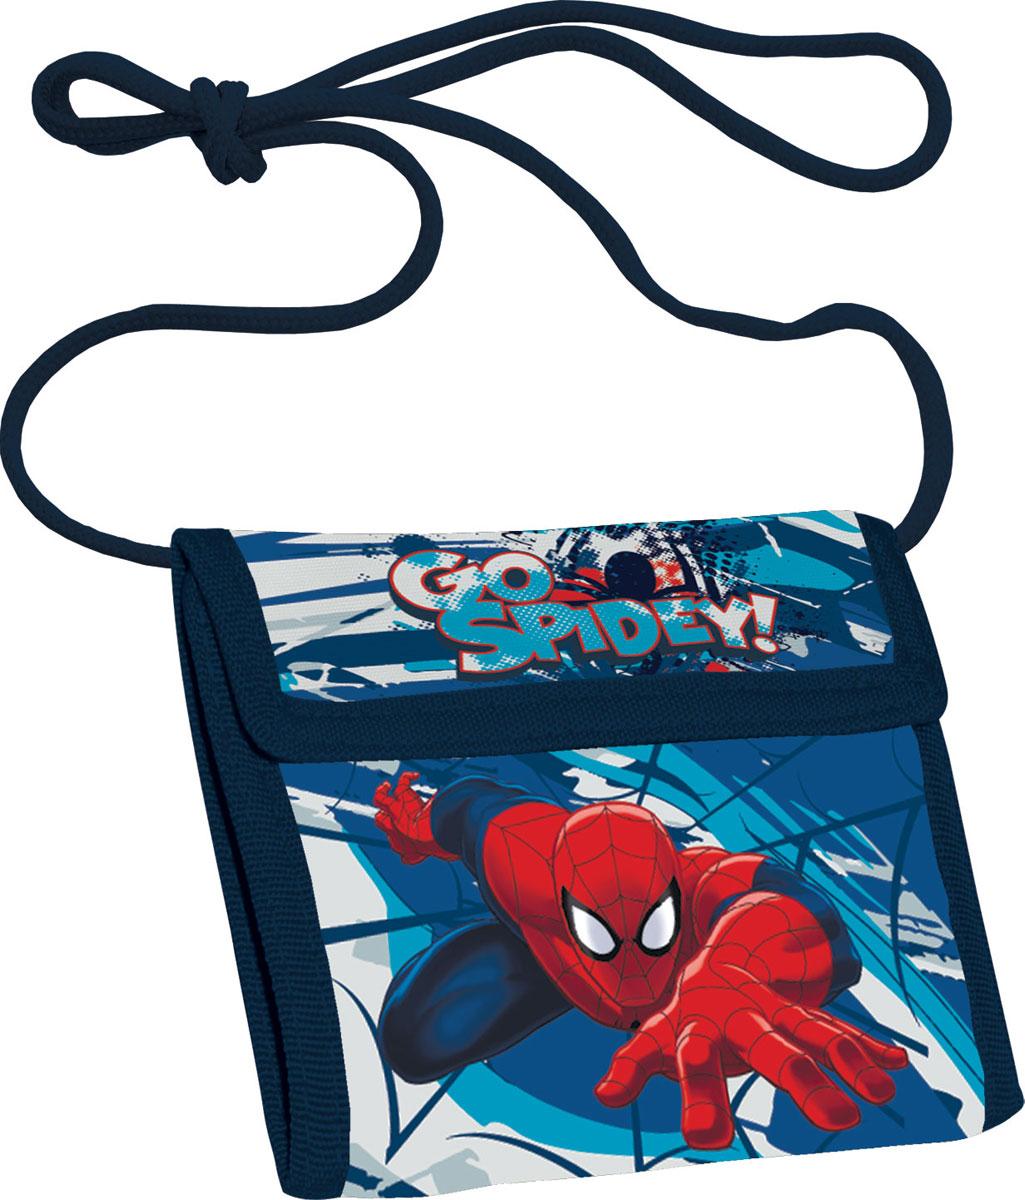 Кошелек детский Spider-Man, цвет: синийSMCB-MT1-022Яркий детский кошелек Spider-Man выполнен из полиэстера и оформлен красочным рисунком. Внутри кошелек оснащен отделением для денежных купюр и карманом на застежке-молнии. Кошелек складывается втрое и закрывается широким клапаном на липучку. На внутренней стороне предусмотрен шнурок, с помощью которого изделие можно носить через плечо или на шее. Кошелек Spider-Man станет надежным спутником для вашего ребенка!